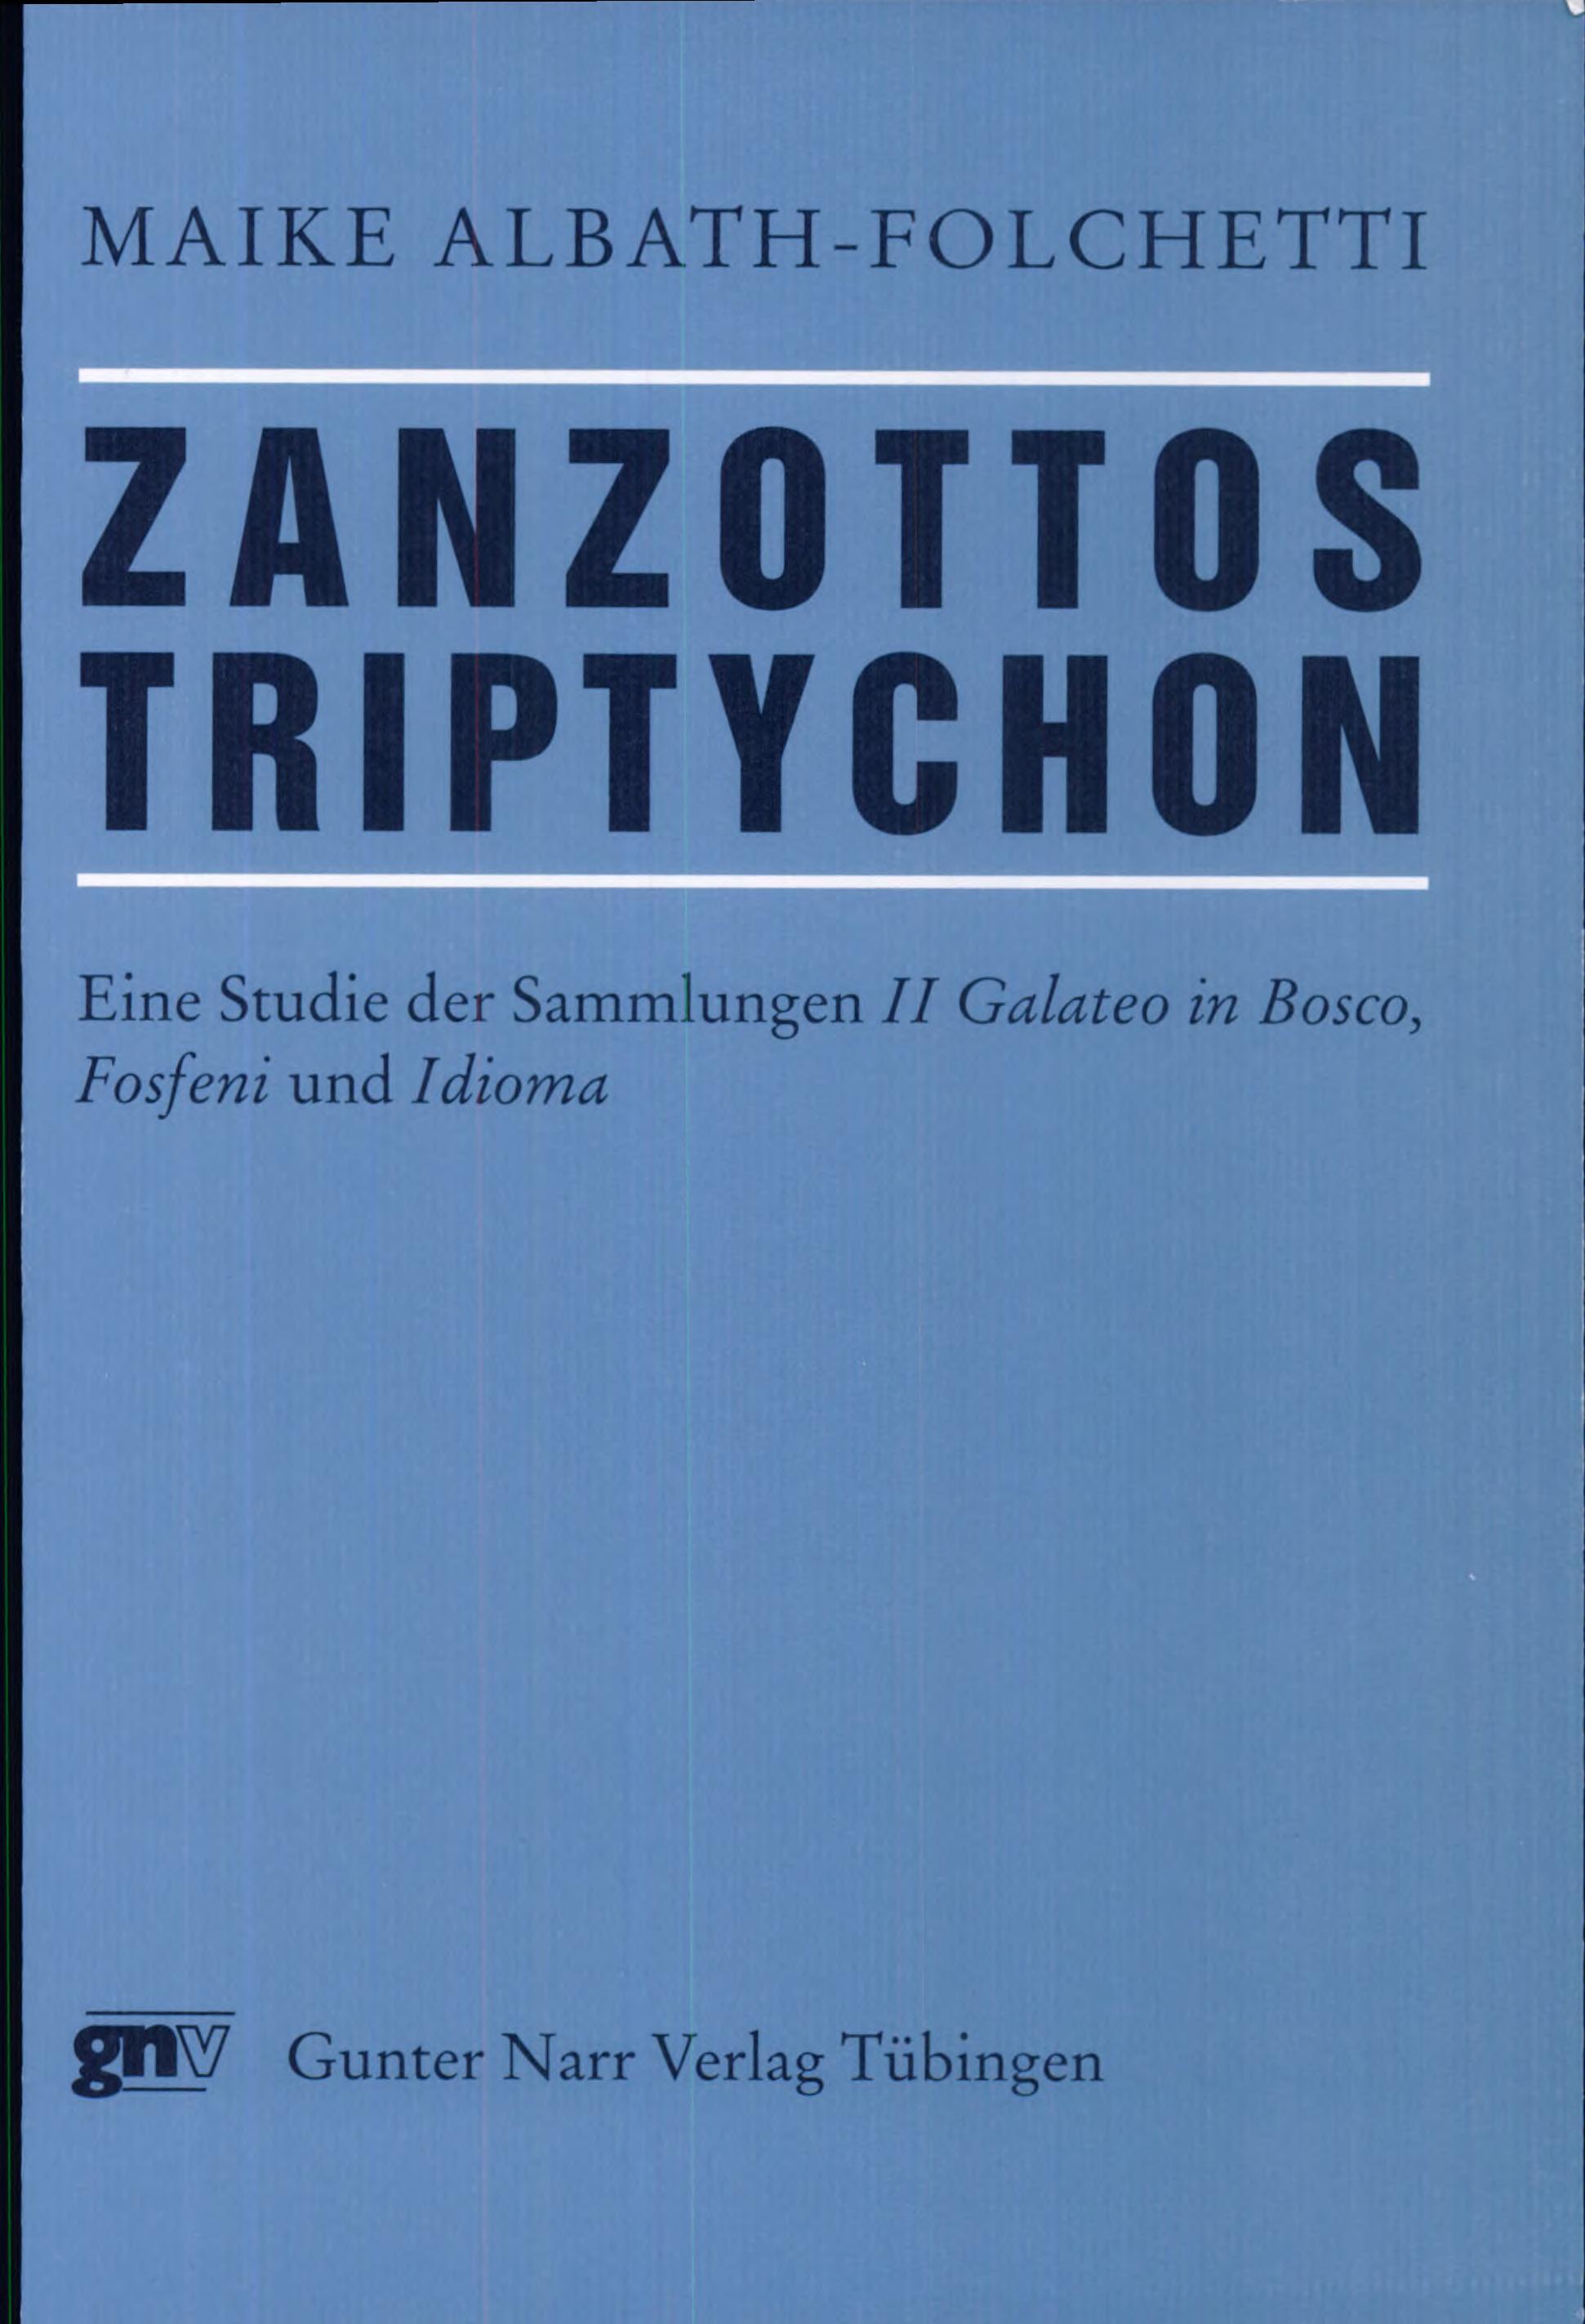 Zanzottos Triptychon